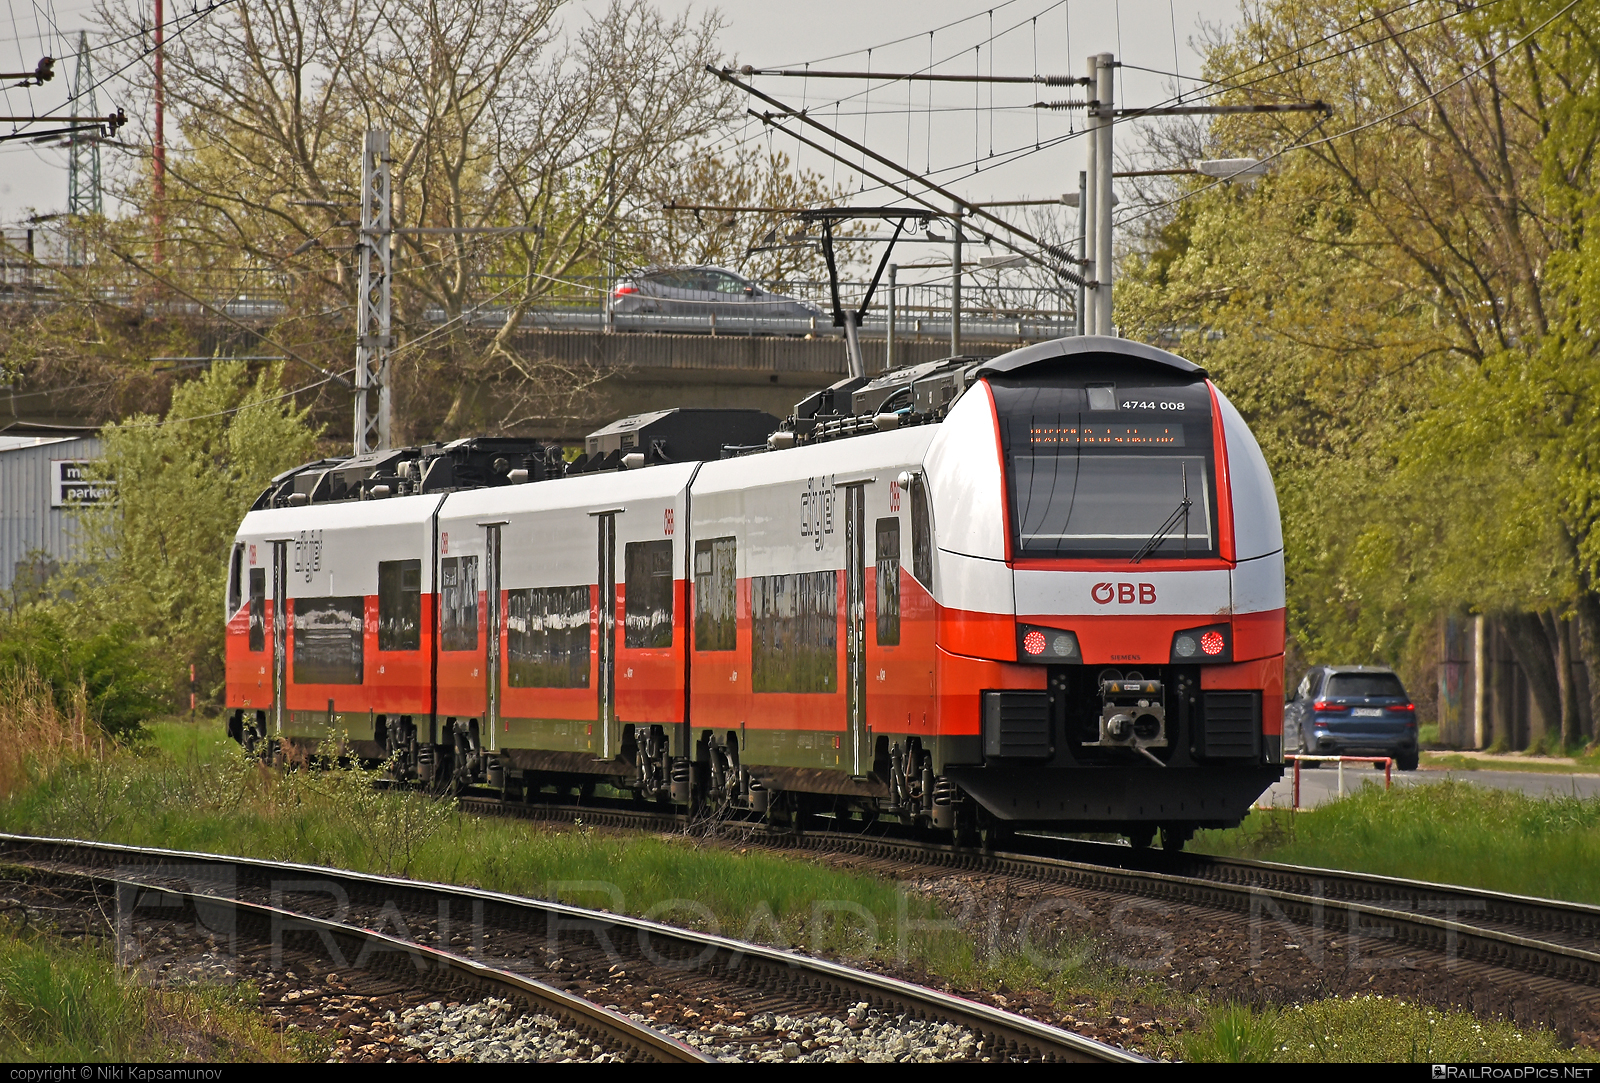 Siemens Desiro ML - 4744 008 operated by Österreichische Bundesbahnen #cityjet #desiro #desiroml #obb #obbcityjet #osterreichischebundesbahnen #siemens #siemensdesiro #siemensdesiroml